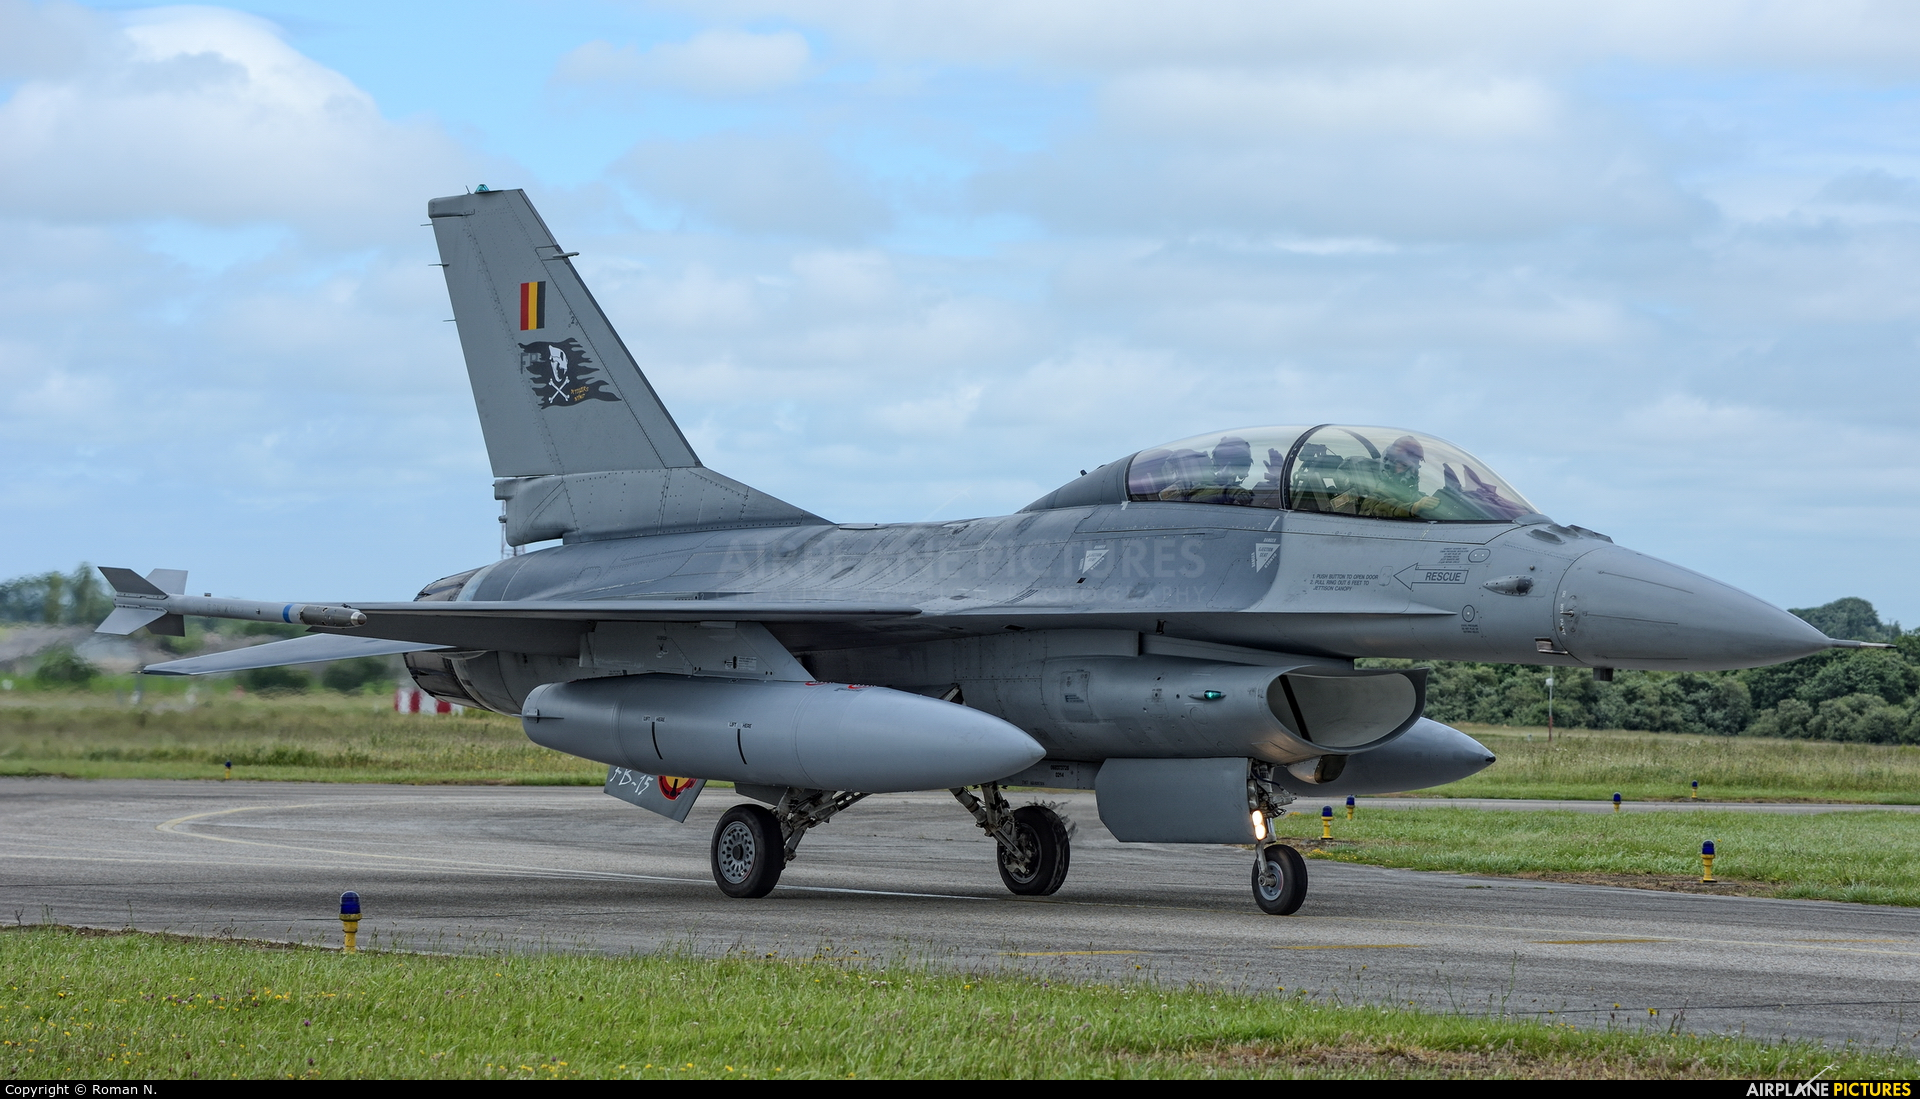 Belgium - Air Force FB-15 aircraft at Landivisiau